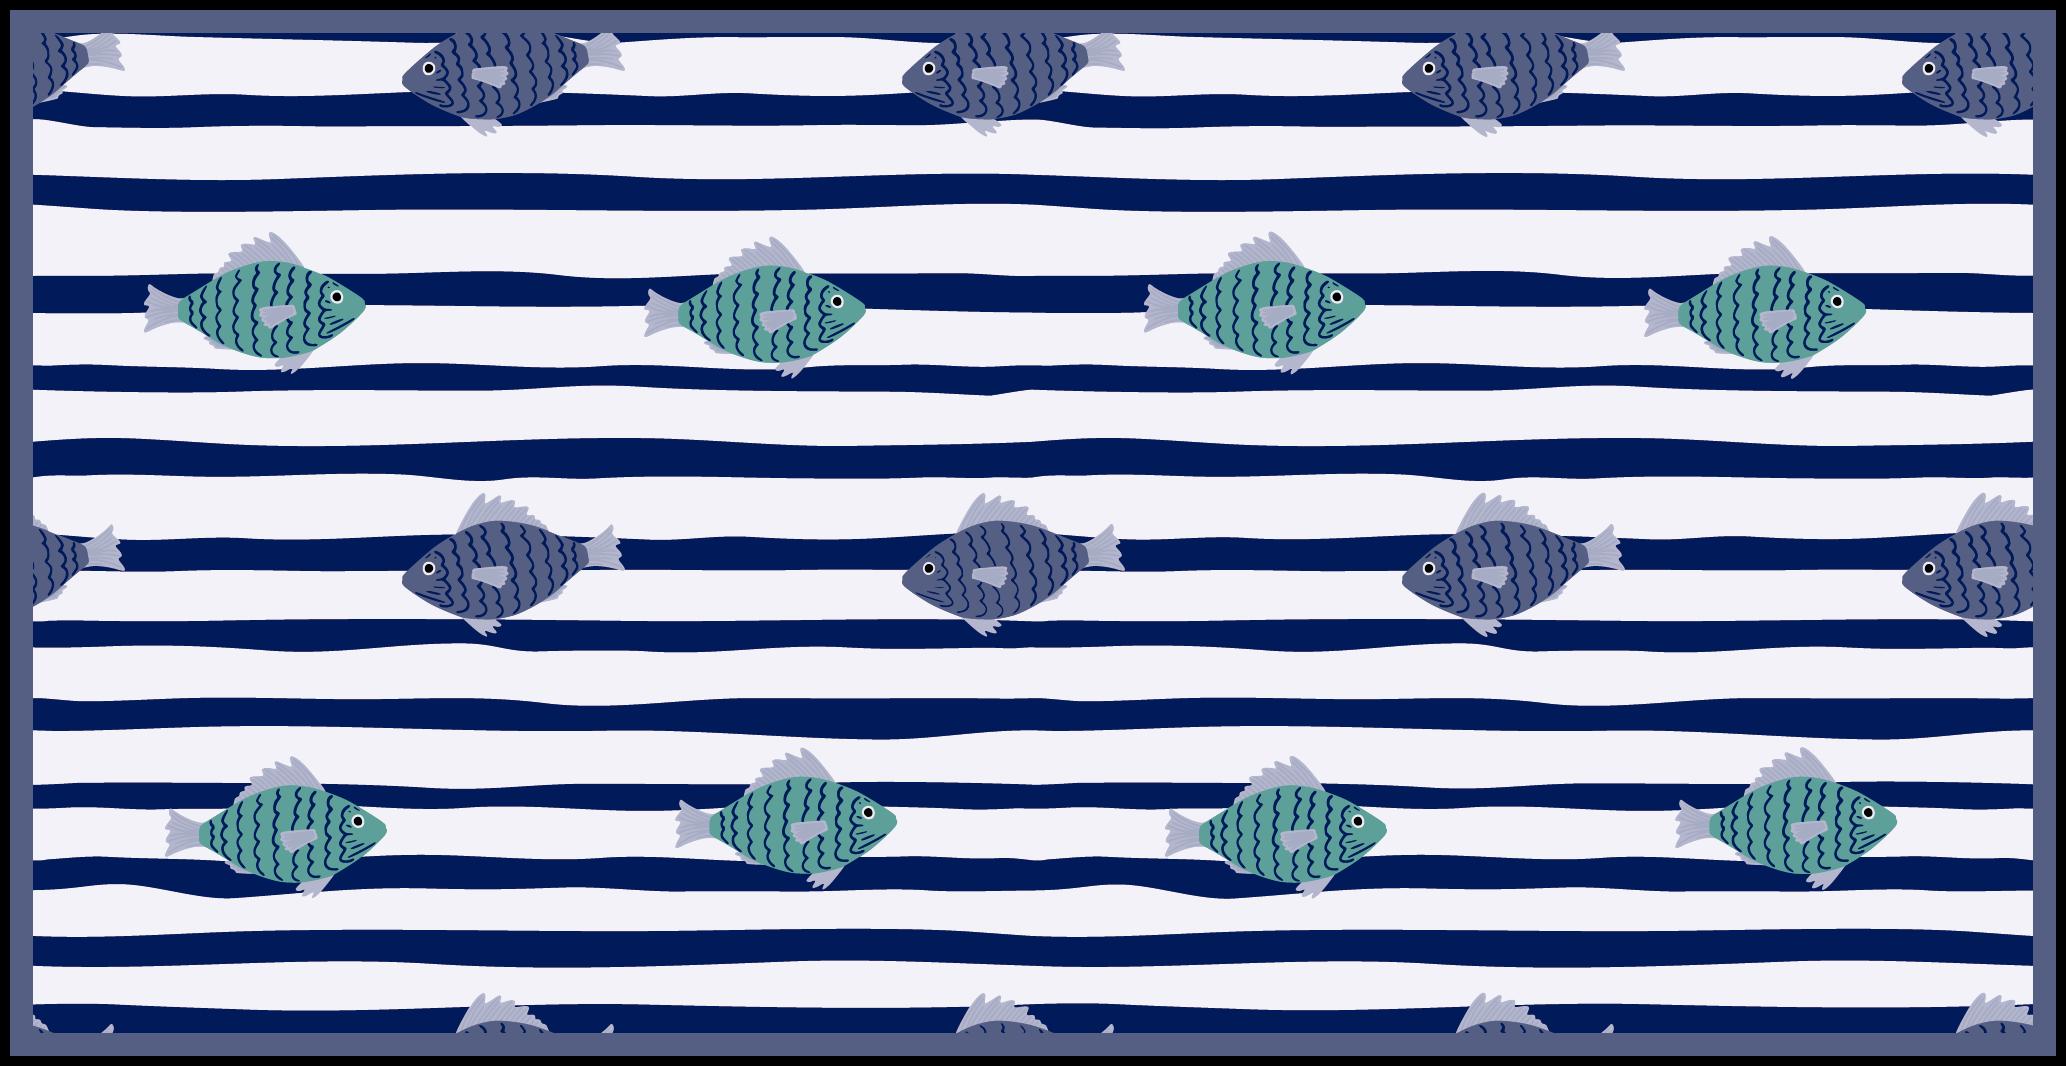 TENSTICKERS. 異なる色の魚の動物マット. 海をテーマにしたバスルームラミネートフローリングは、あなたのバスルームで際立って見えます!あなたのサイズを選んで、今飾ってください。